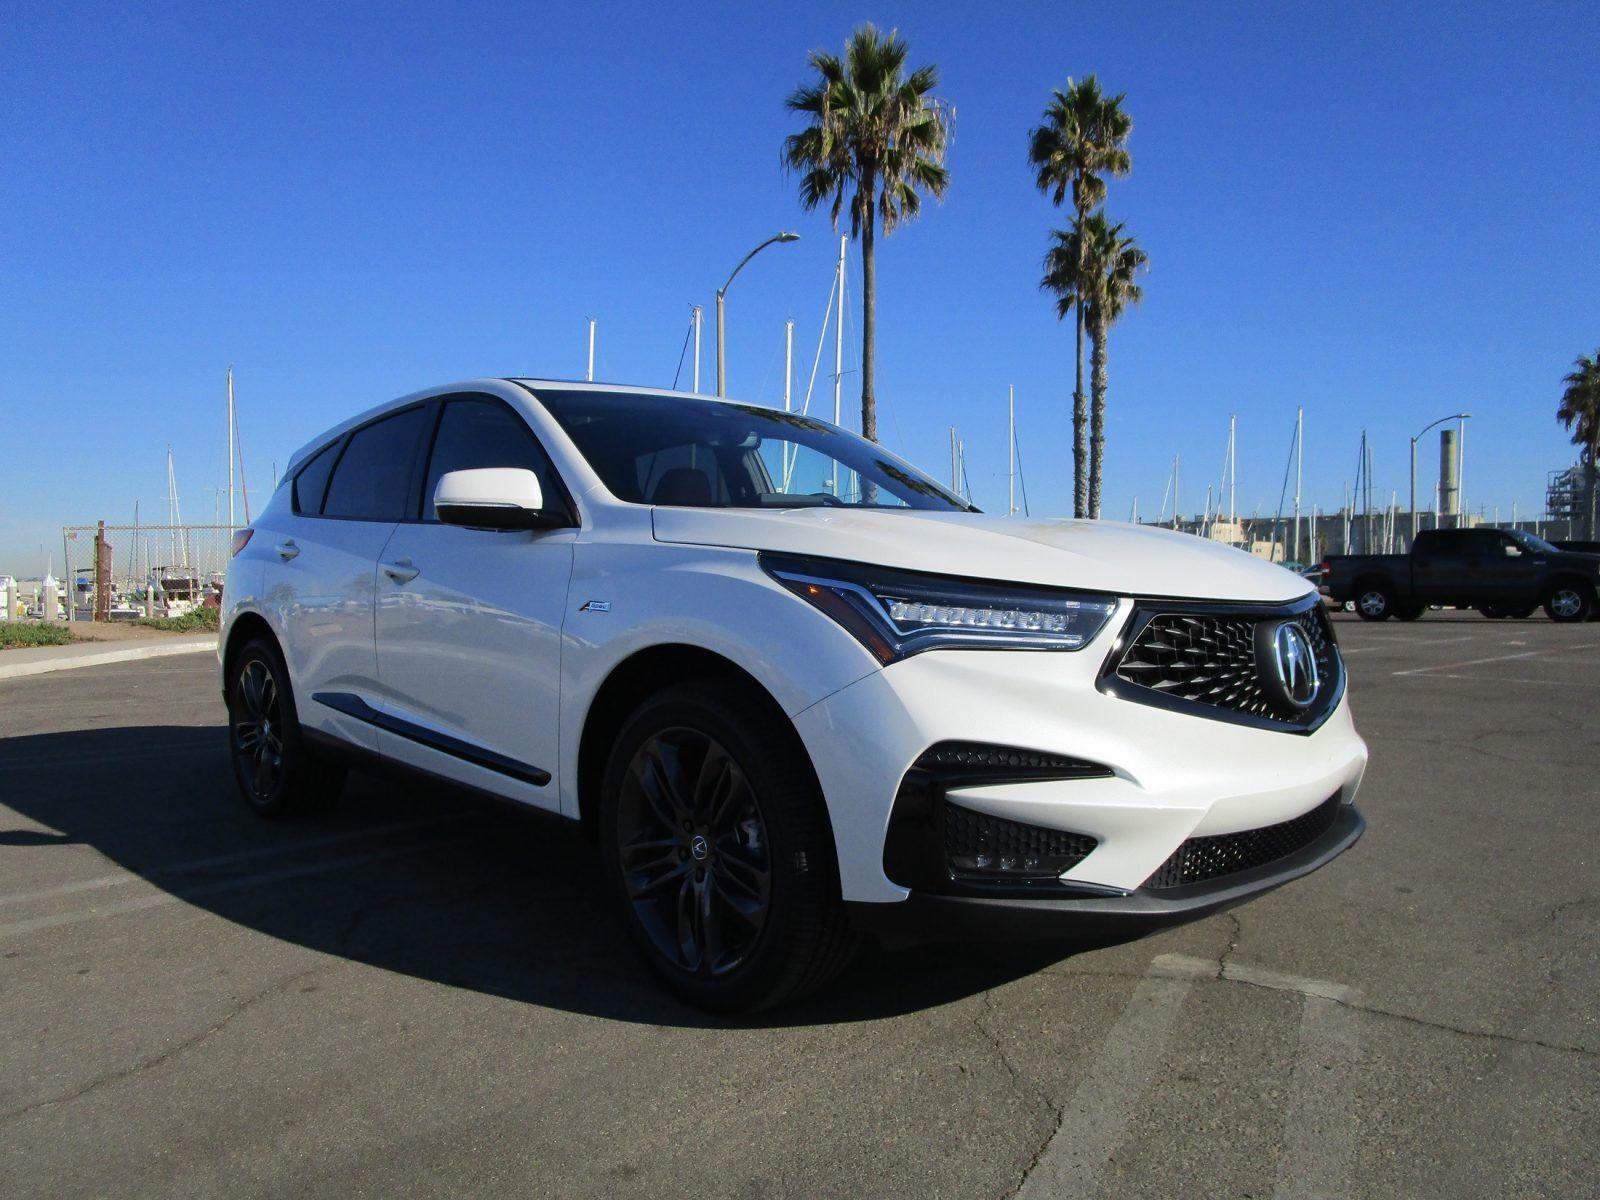 2020 Acura Rdx A Spec Awd Car Revs Daily 26 Acura Rdx Awd Cars Awd